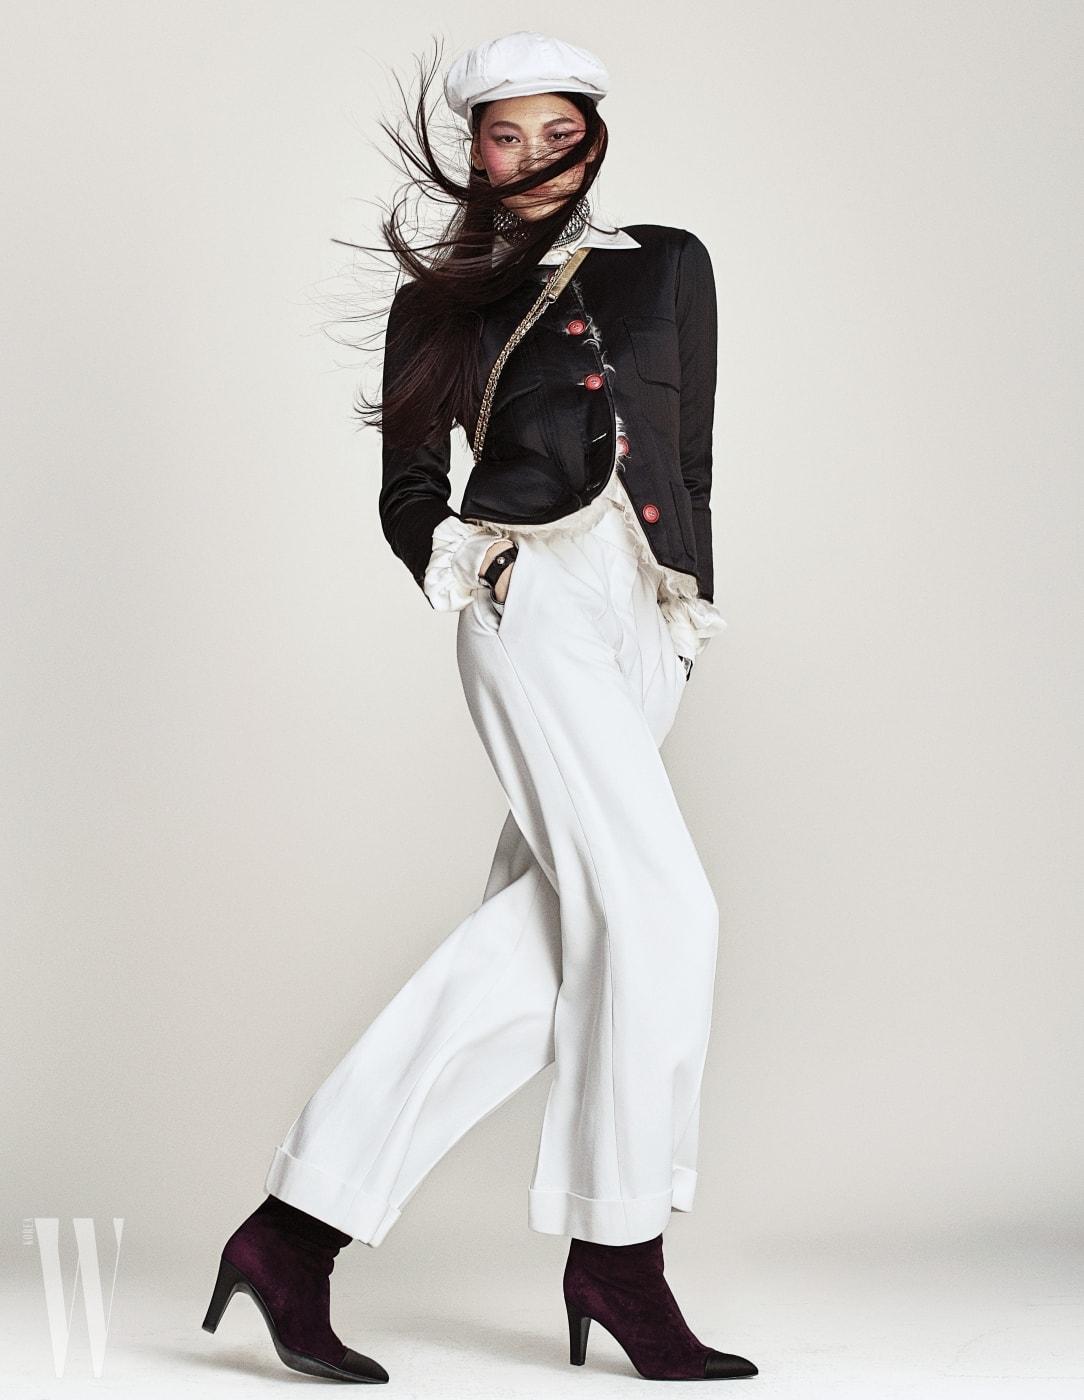 새틴 소재의 누빔 재킷, 밑단이 접힌 하얀색 팬츠, 골드 체인 백, 보라색 스웨이드 소재 부츠는 모두 샤넬 제품. 하얀색 모자는 에디터 소장품.